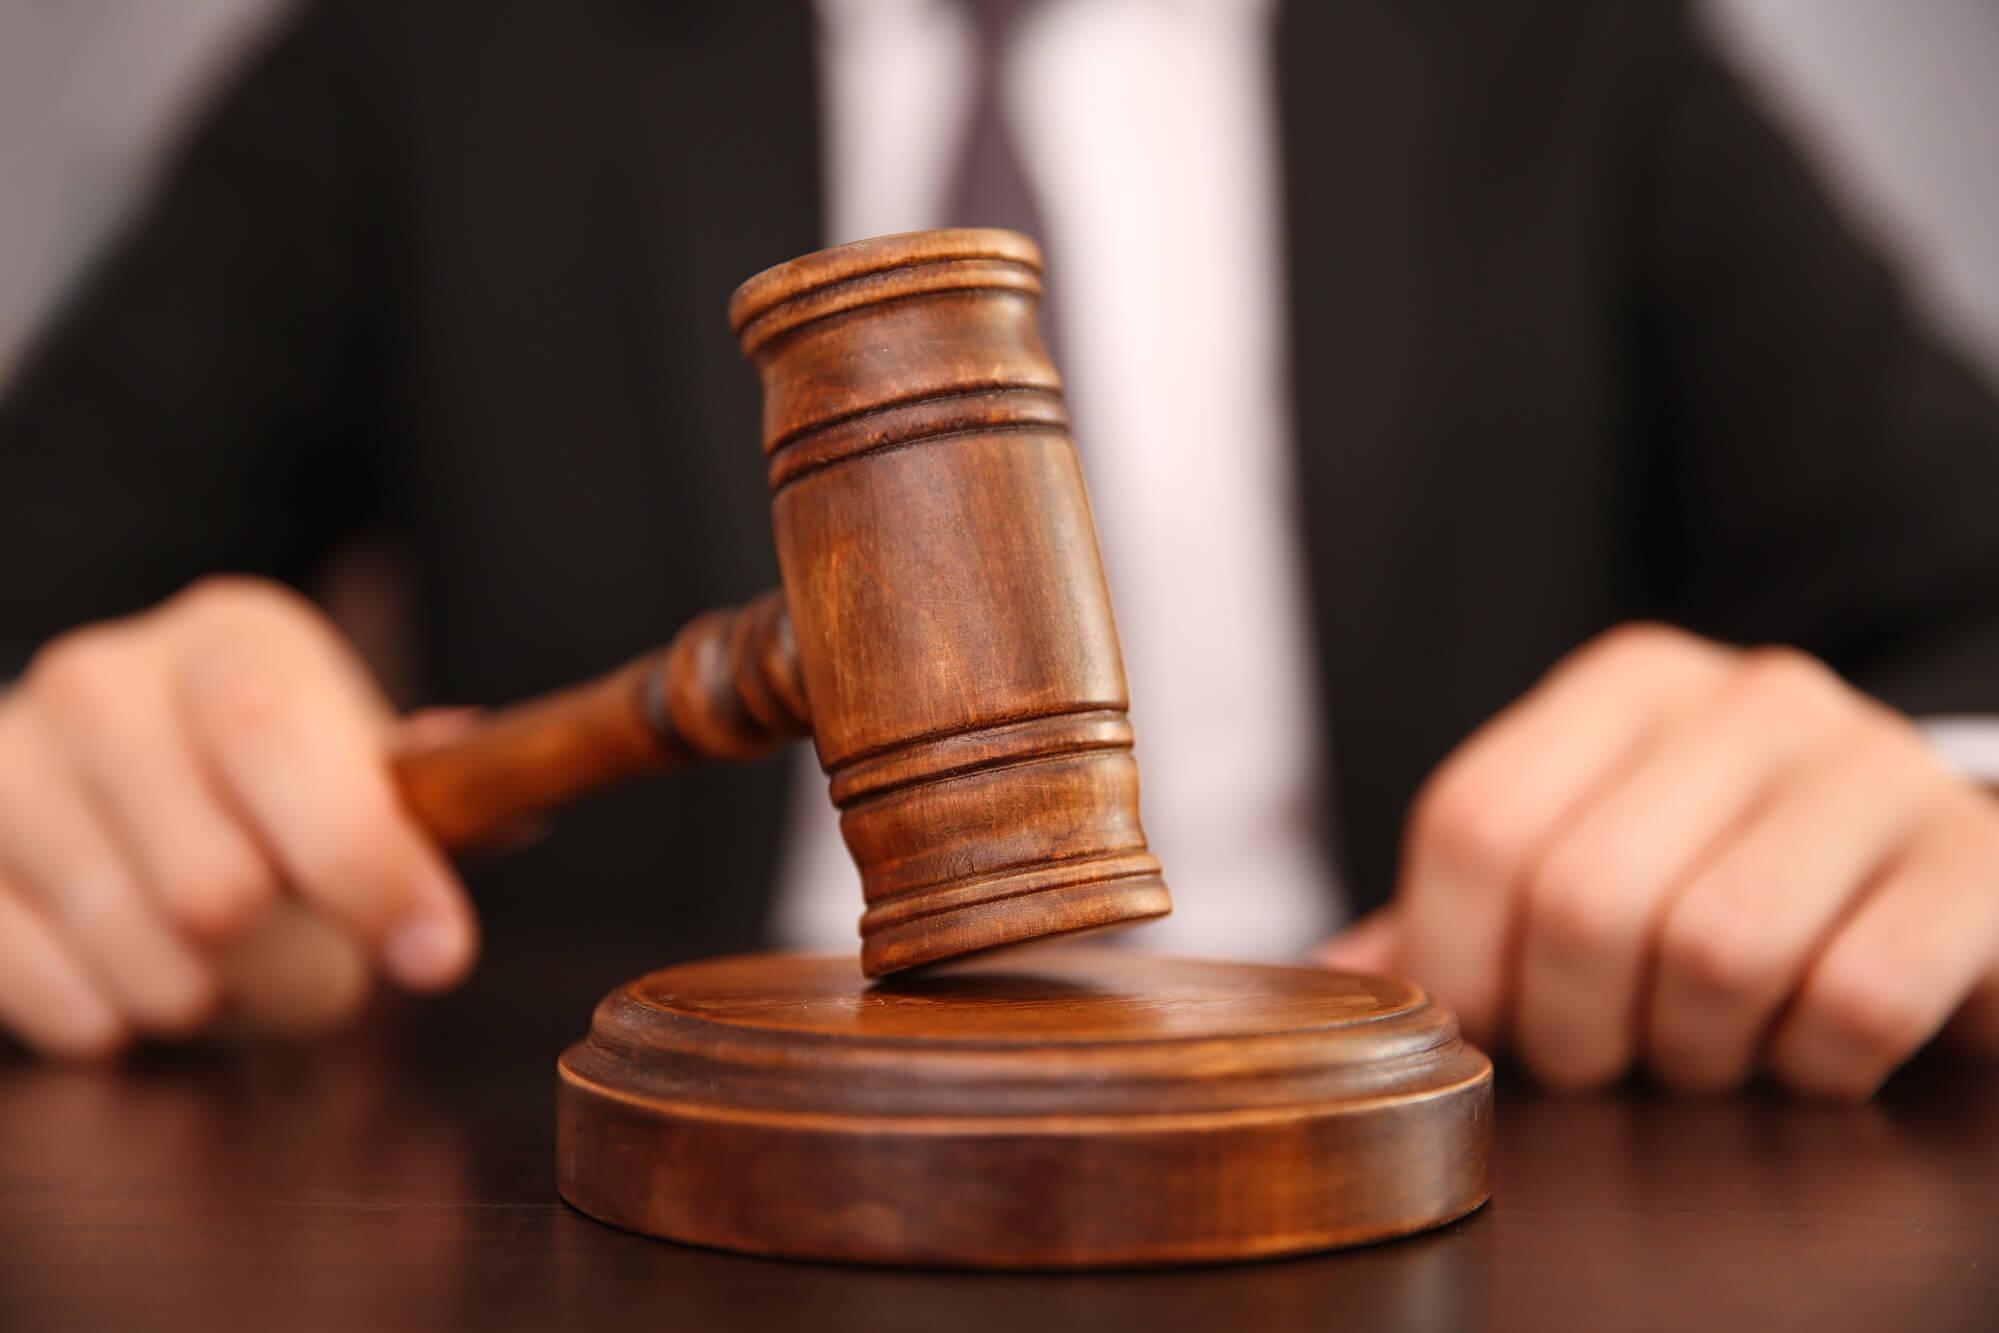 УК РФ строго следить за нарушителями лицензирования деятельности